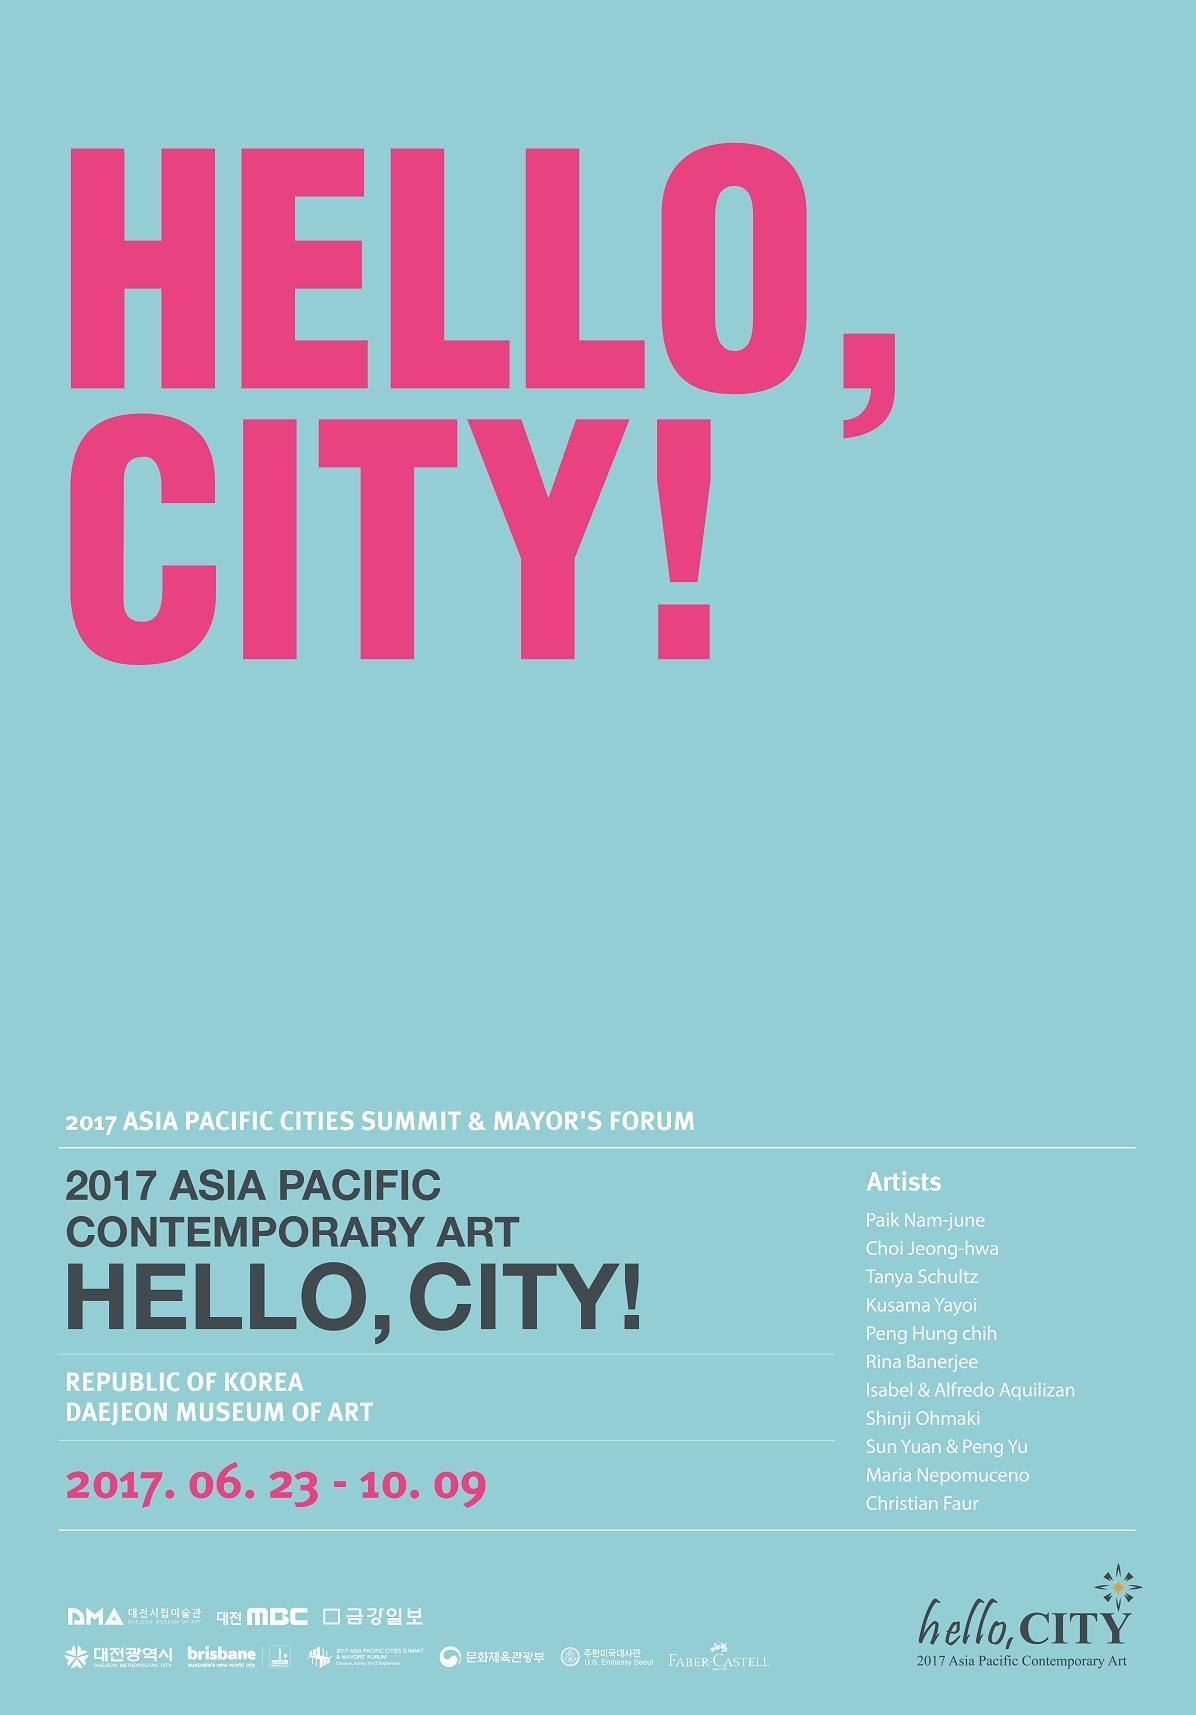 大巻伸嗣、アルフレド&イザベル・アキリザン 「 Hello, City !」に出展、テジョン、韓国